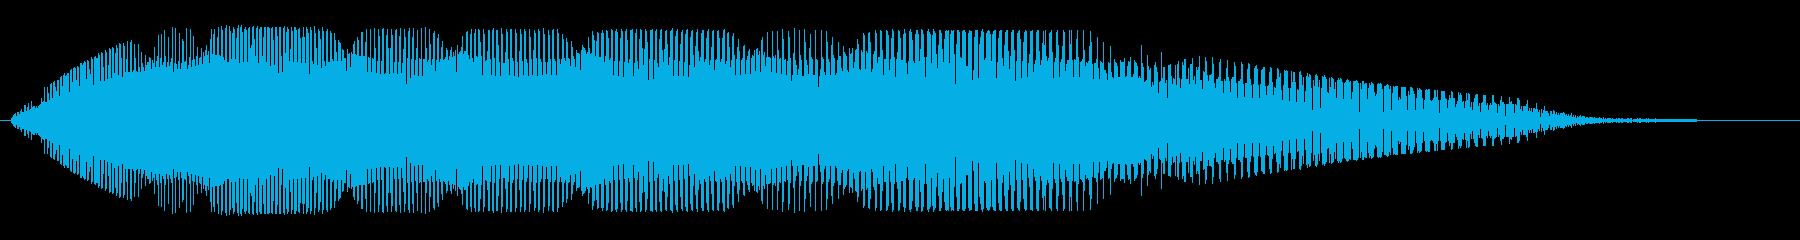 悪い結果、しりすぼみの結果のがっかり音の再生済みの波形